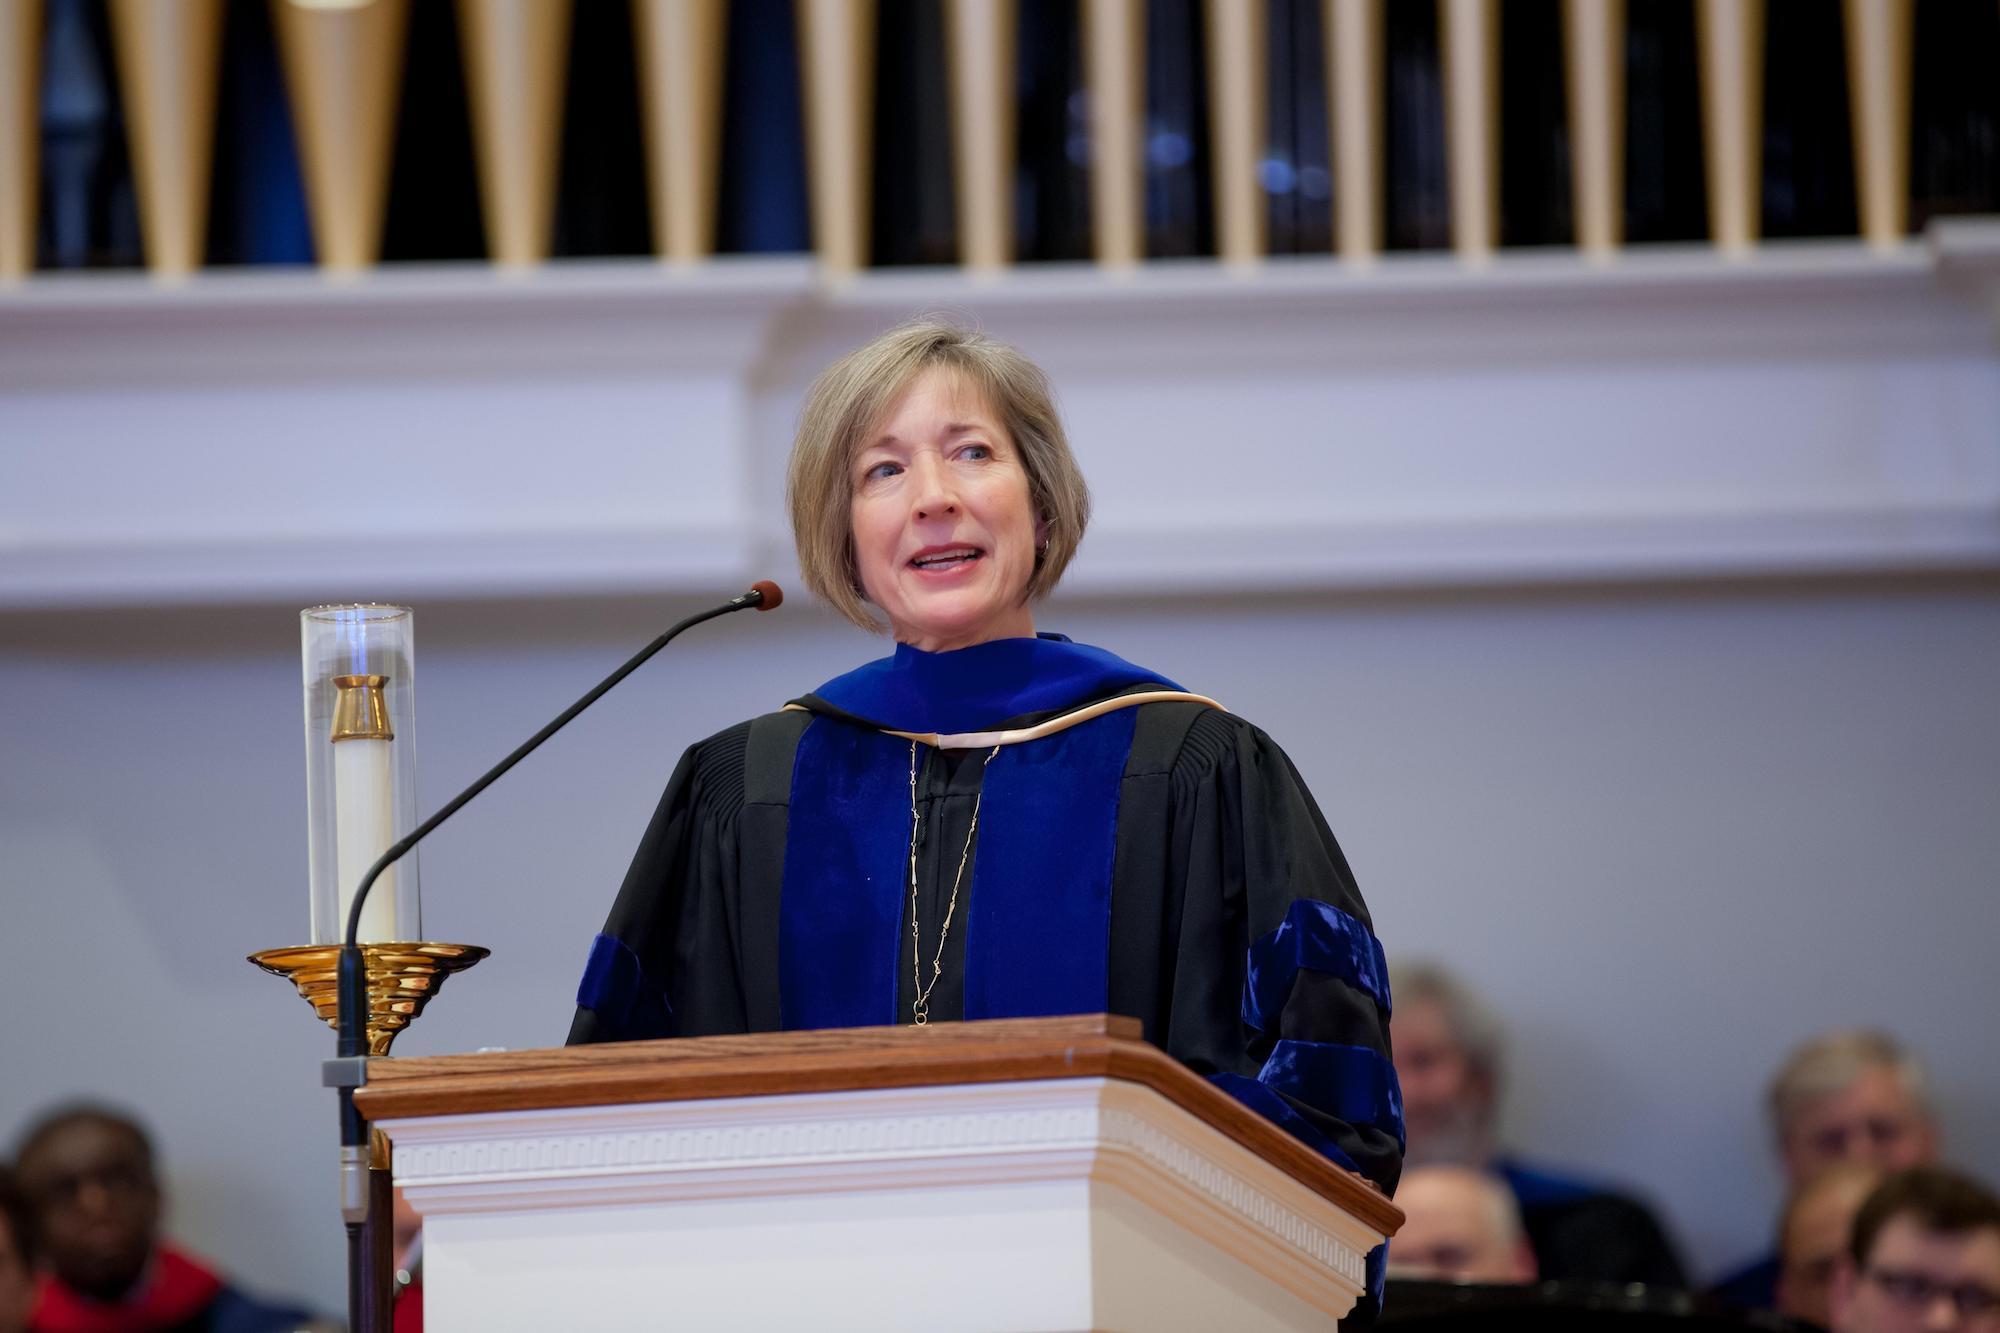 Rev. Dr. Carol Lytch